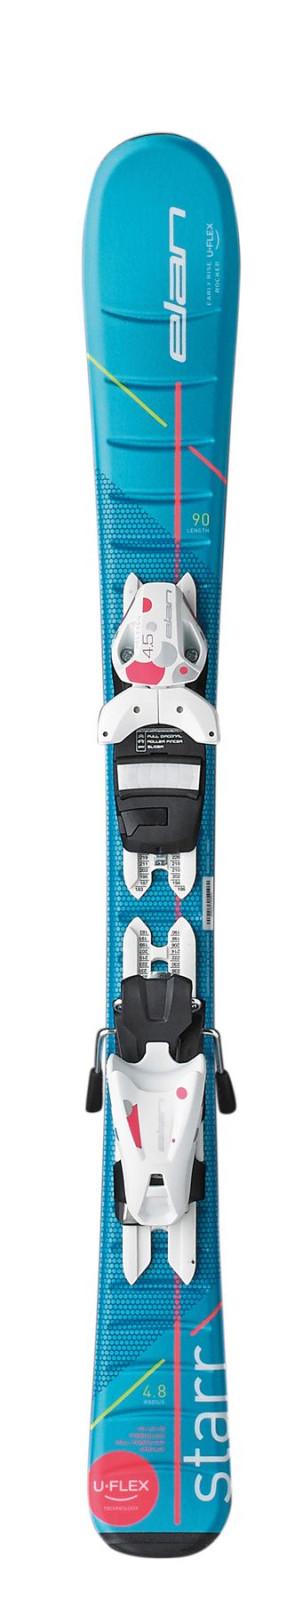 Dětské sjezdové lyže Elan Starr Quick Shift